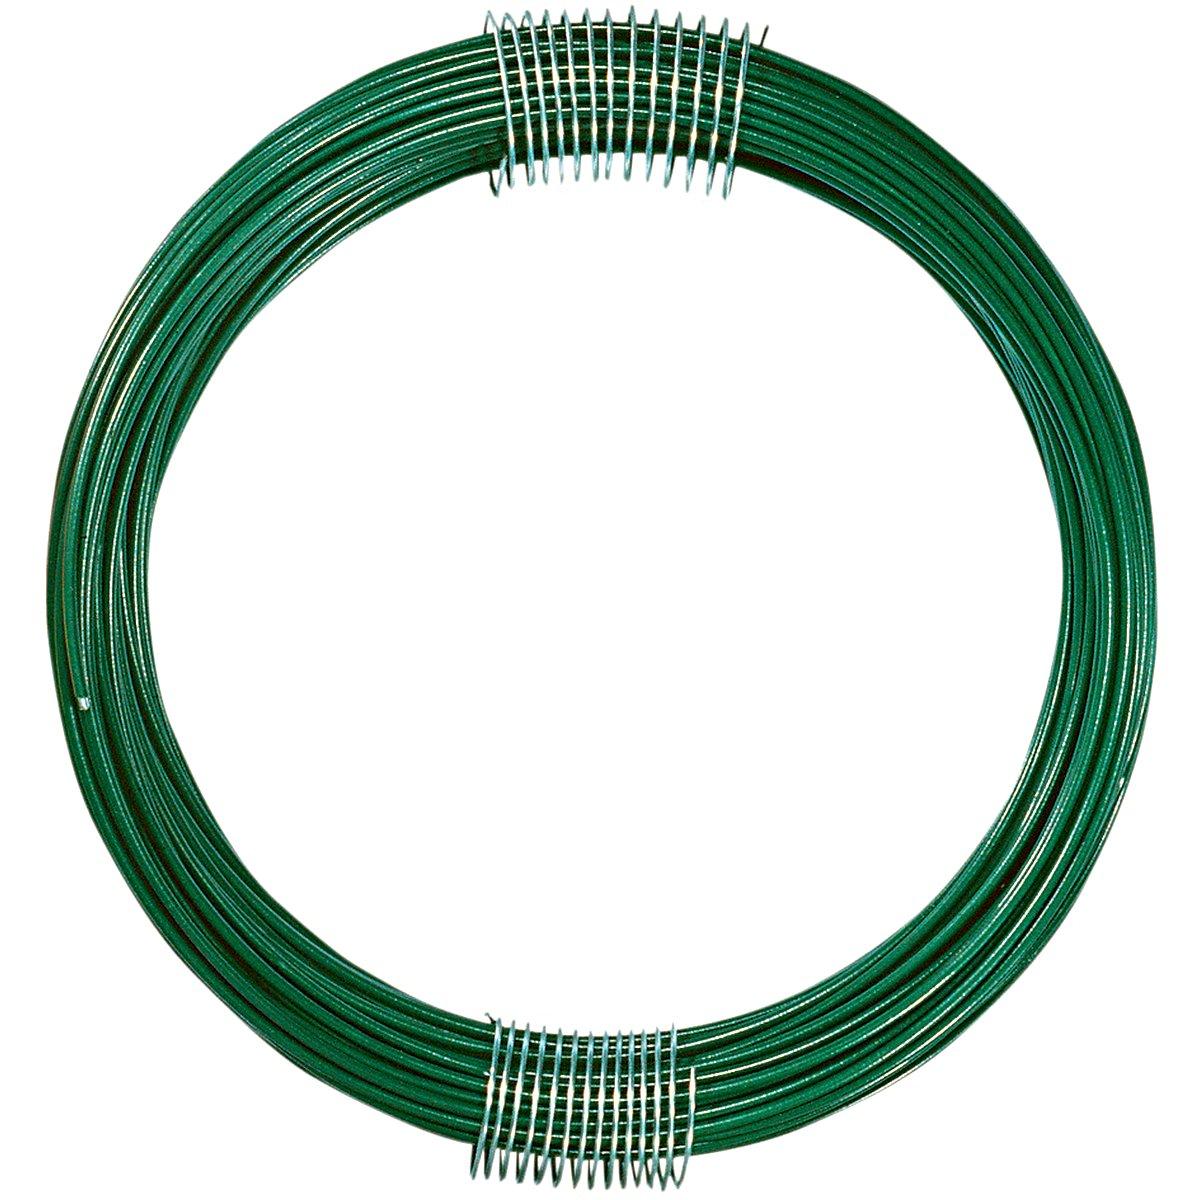 Afbeelding van Connex Binddraad Plastic/Groen 25m